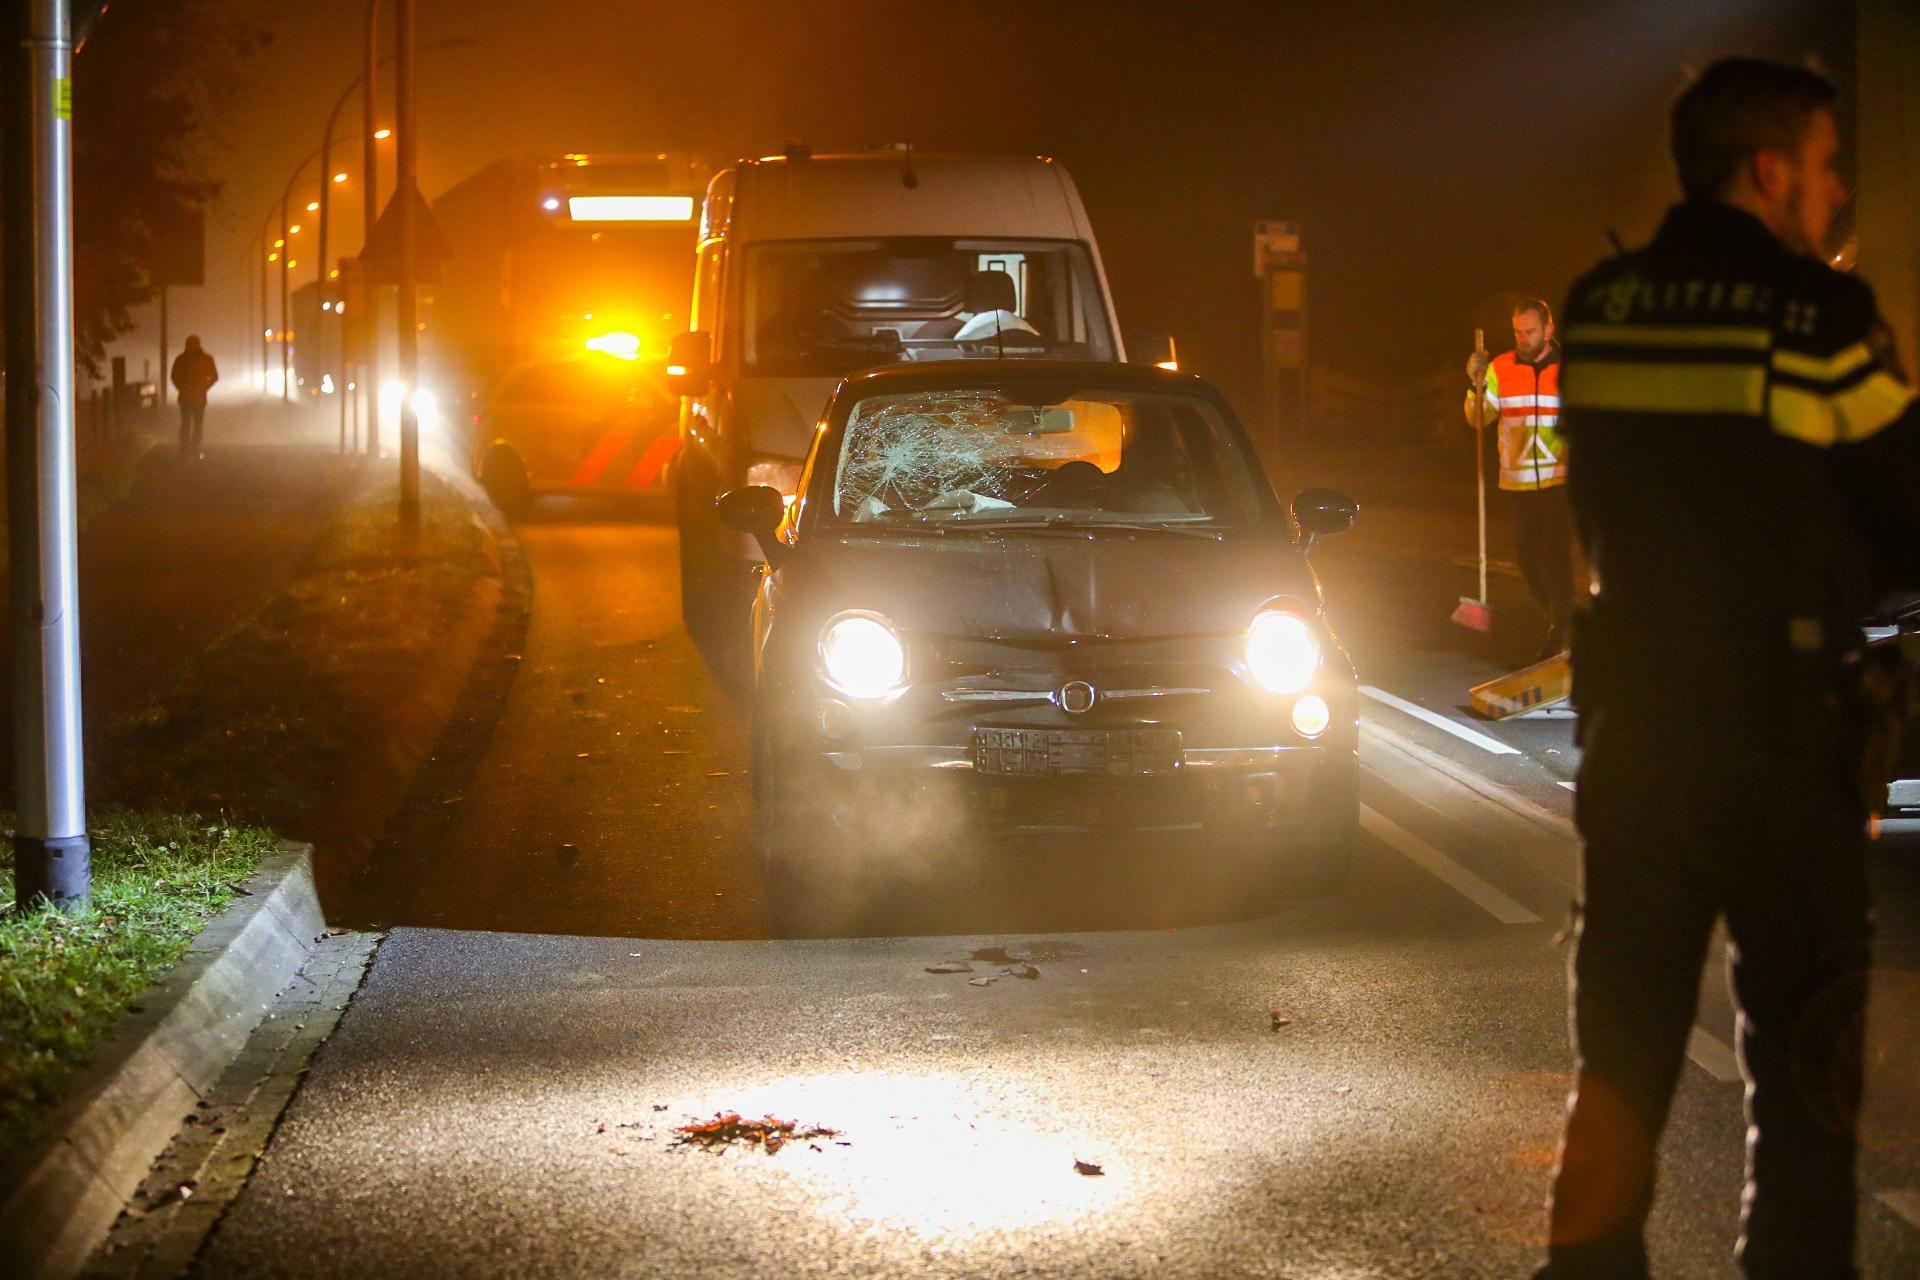 Flinke klapper in Loenen; drie auto's zwaar beschadigd